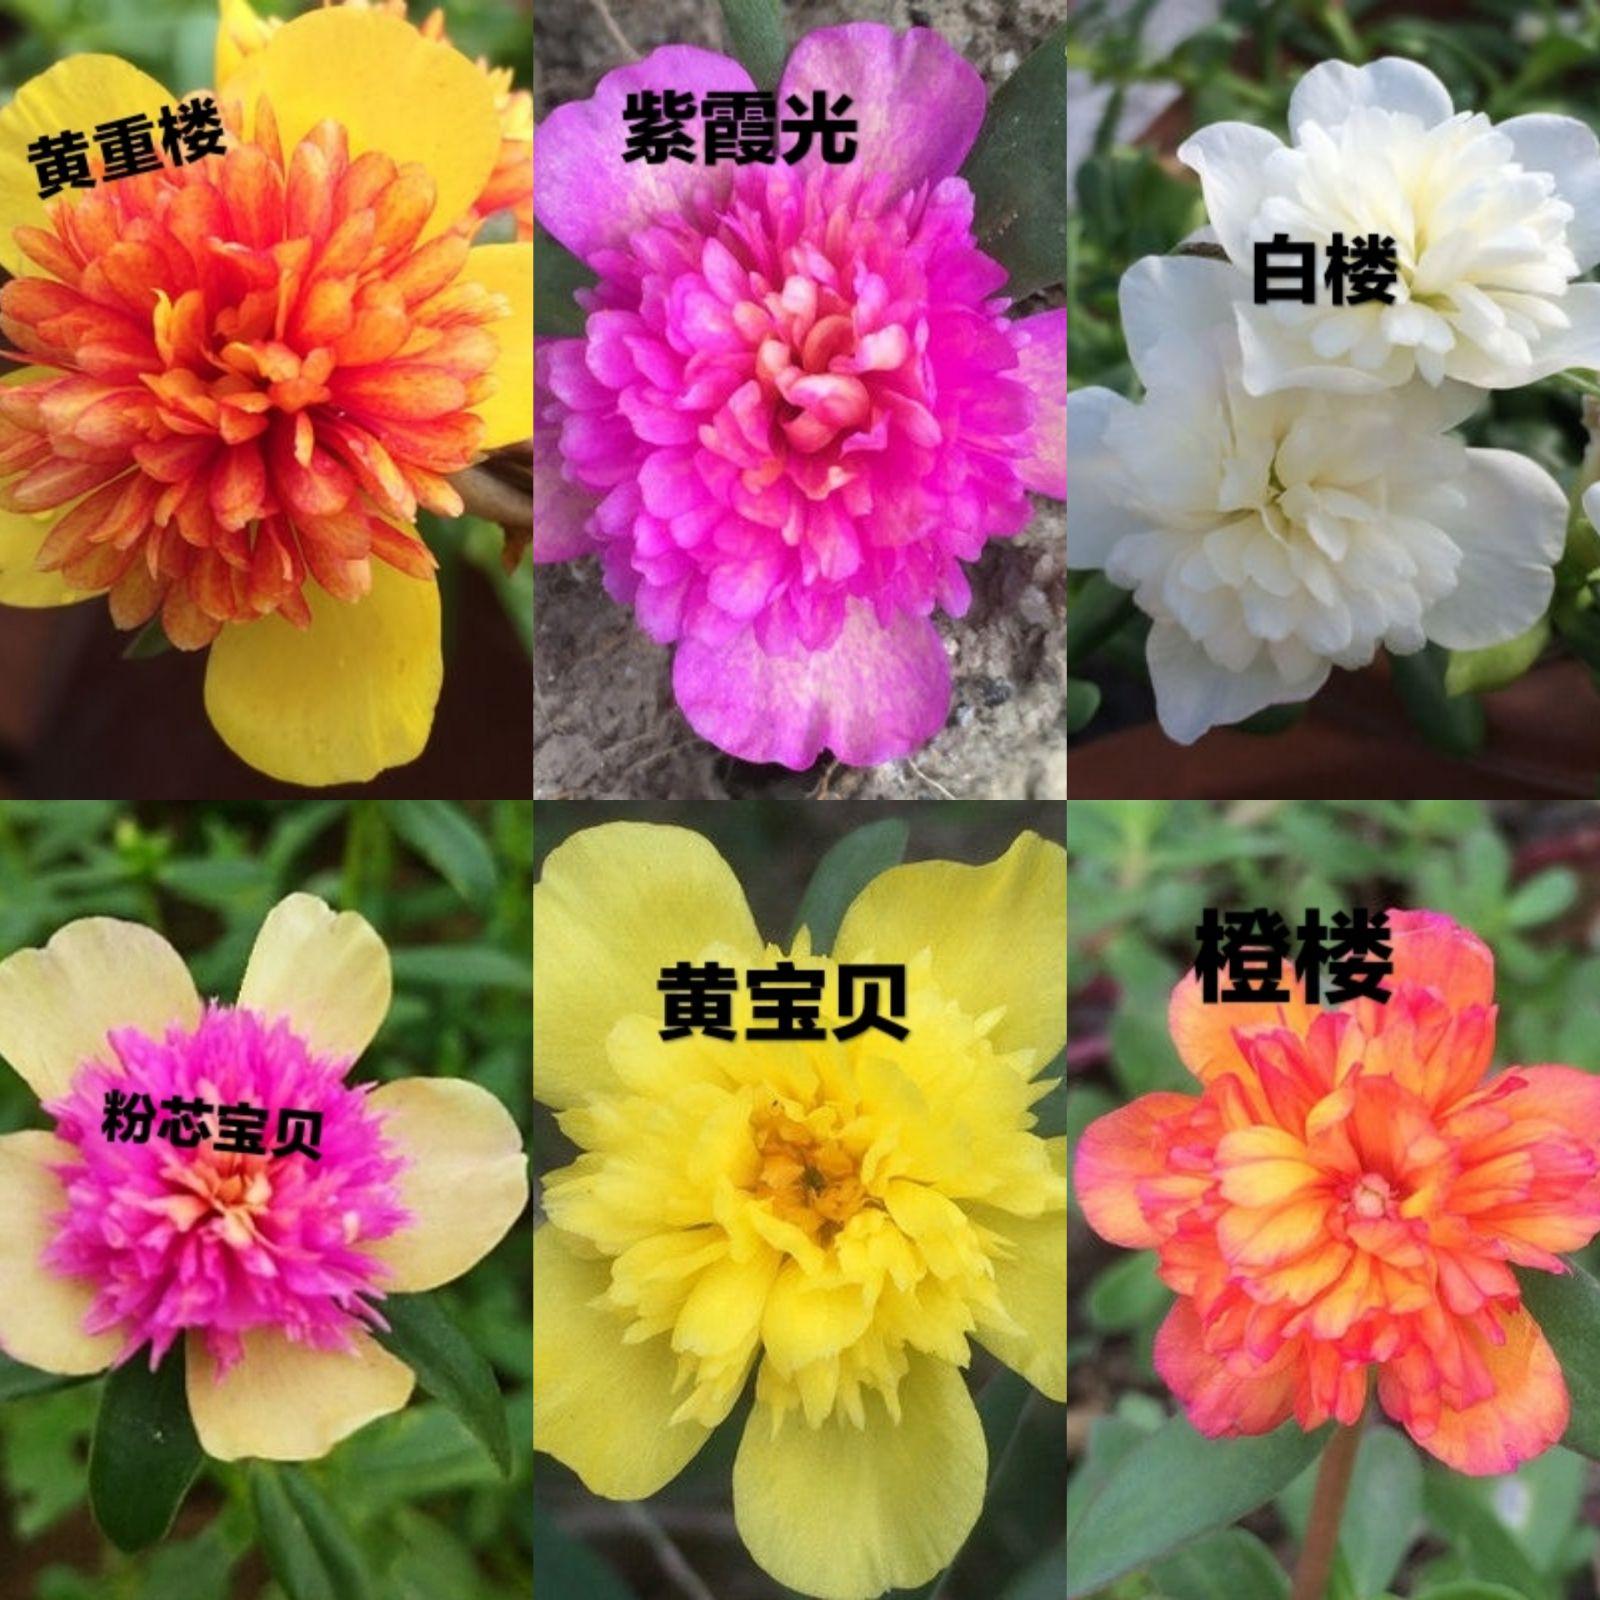 闊葉重樓太陽花重瓣盆栽花苗植物宿根開花不斷陽臺庭院帶花苞發貨